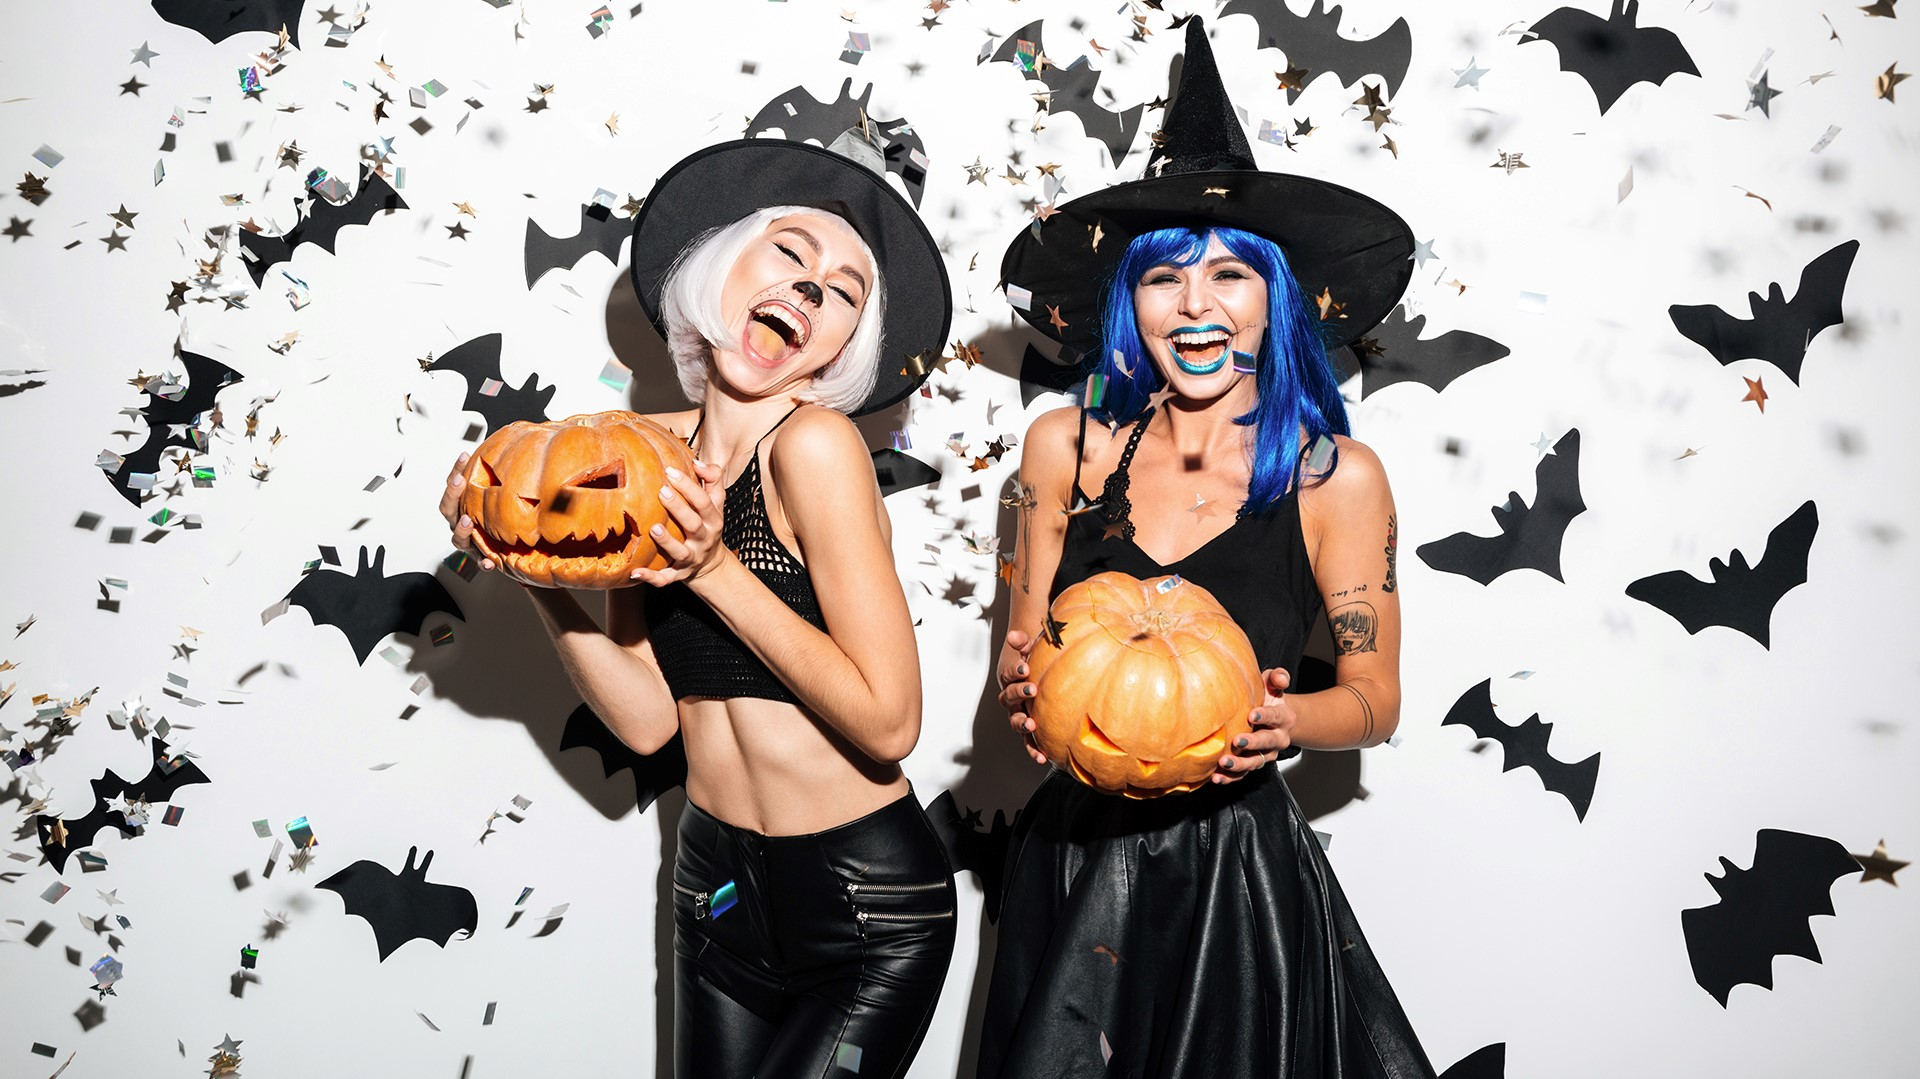 Modèles de déguisement Halloween fait maison.